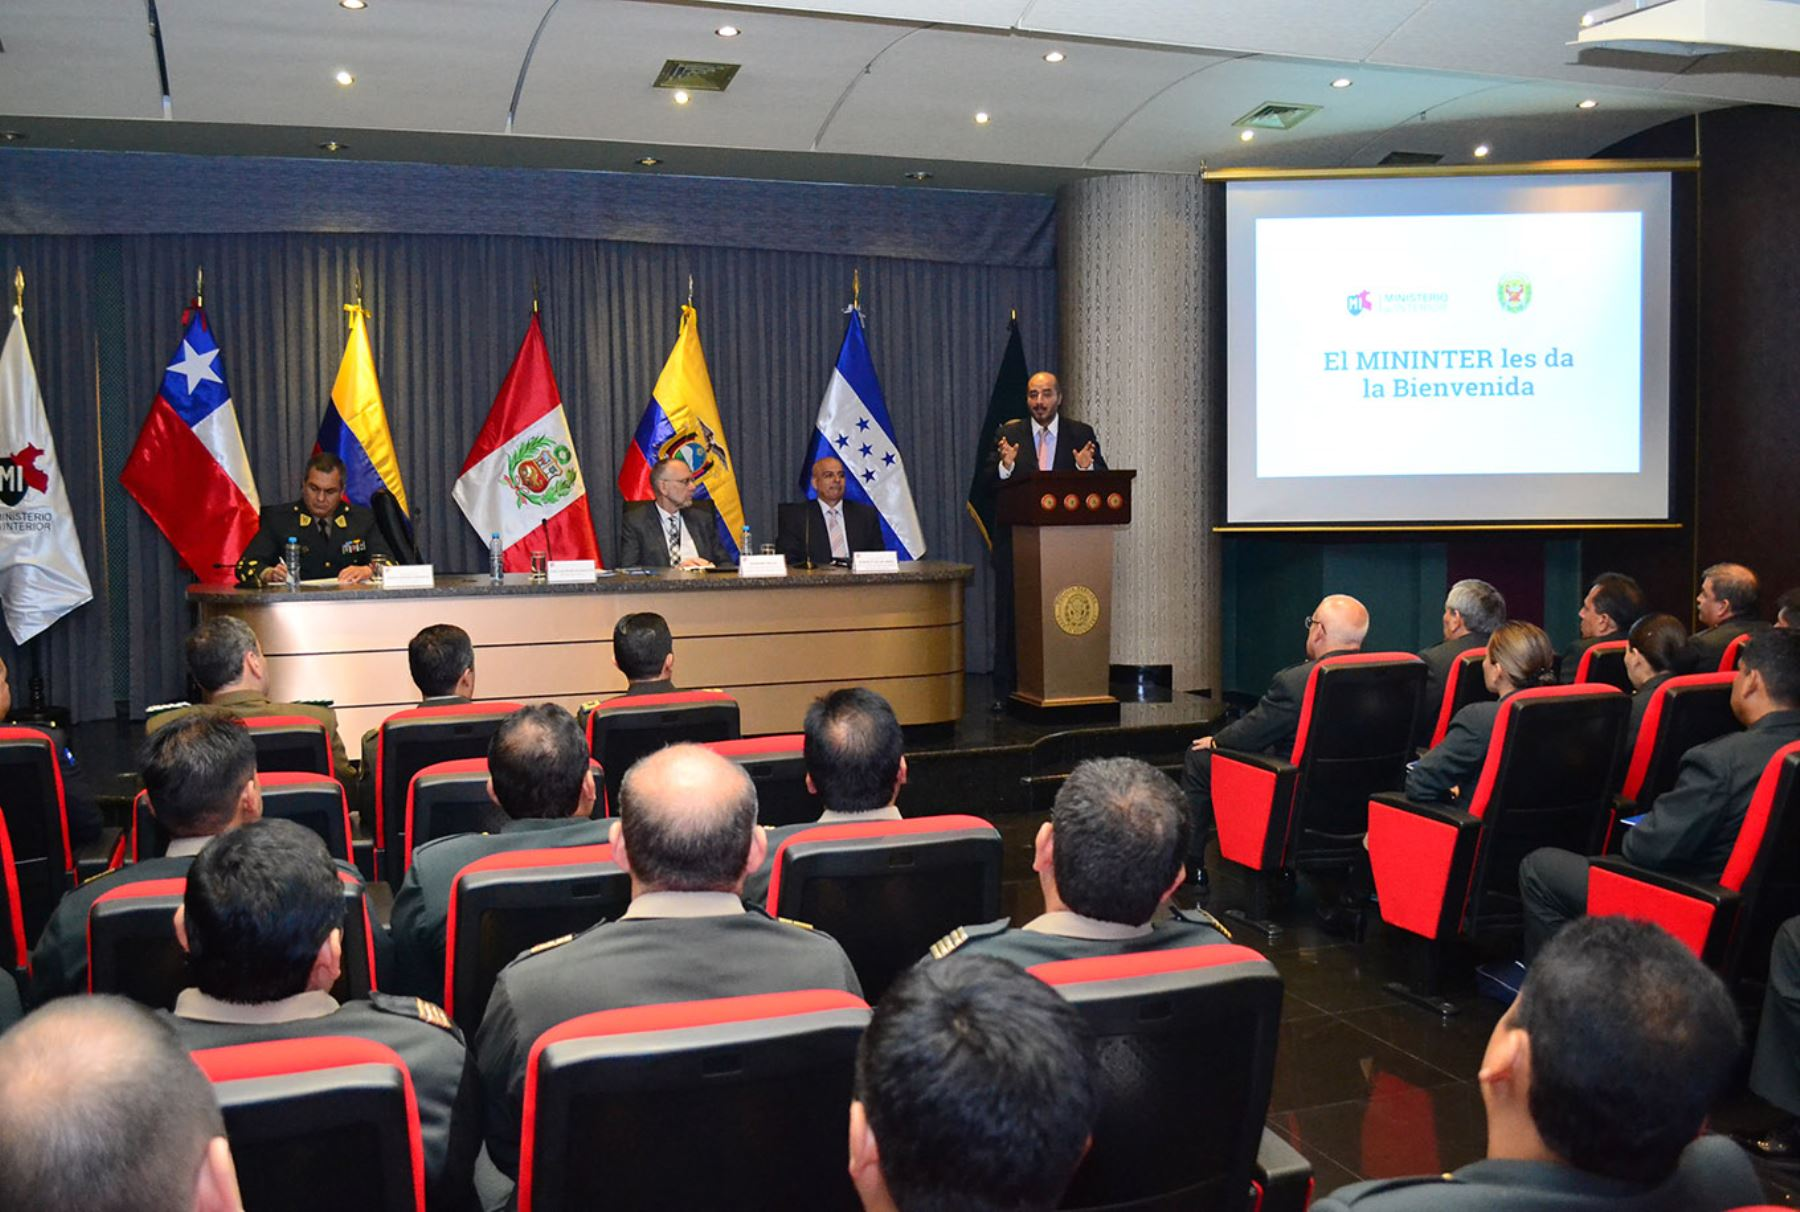 Ministro del interior pnp trabajar nuevo enfoque para for Nuevo ministro del interior peru